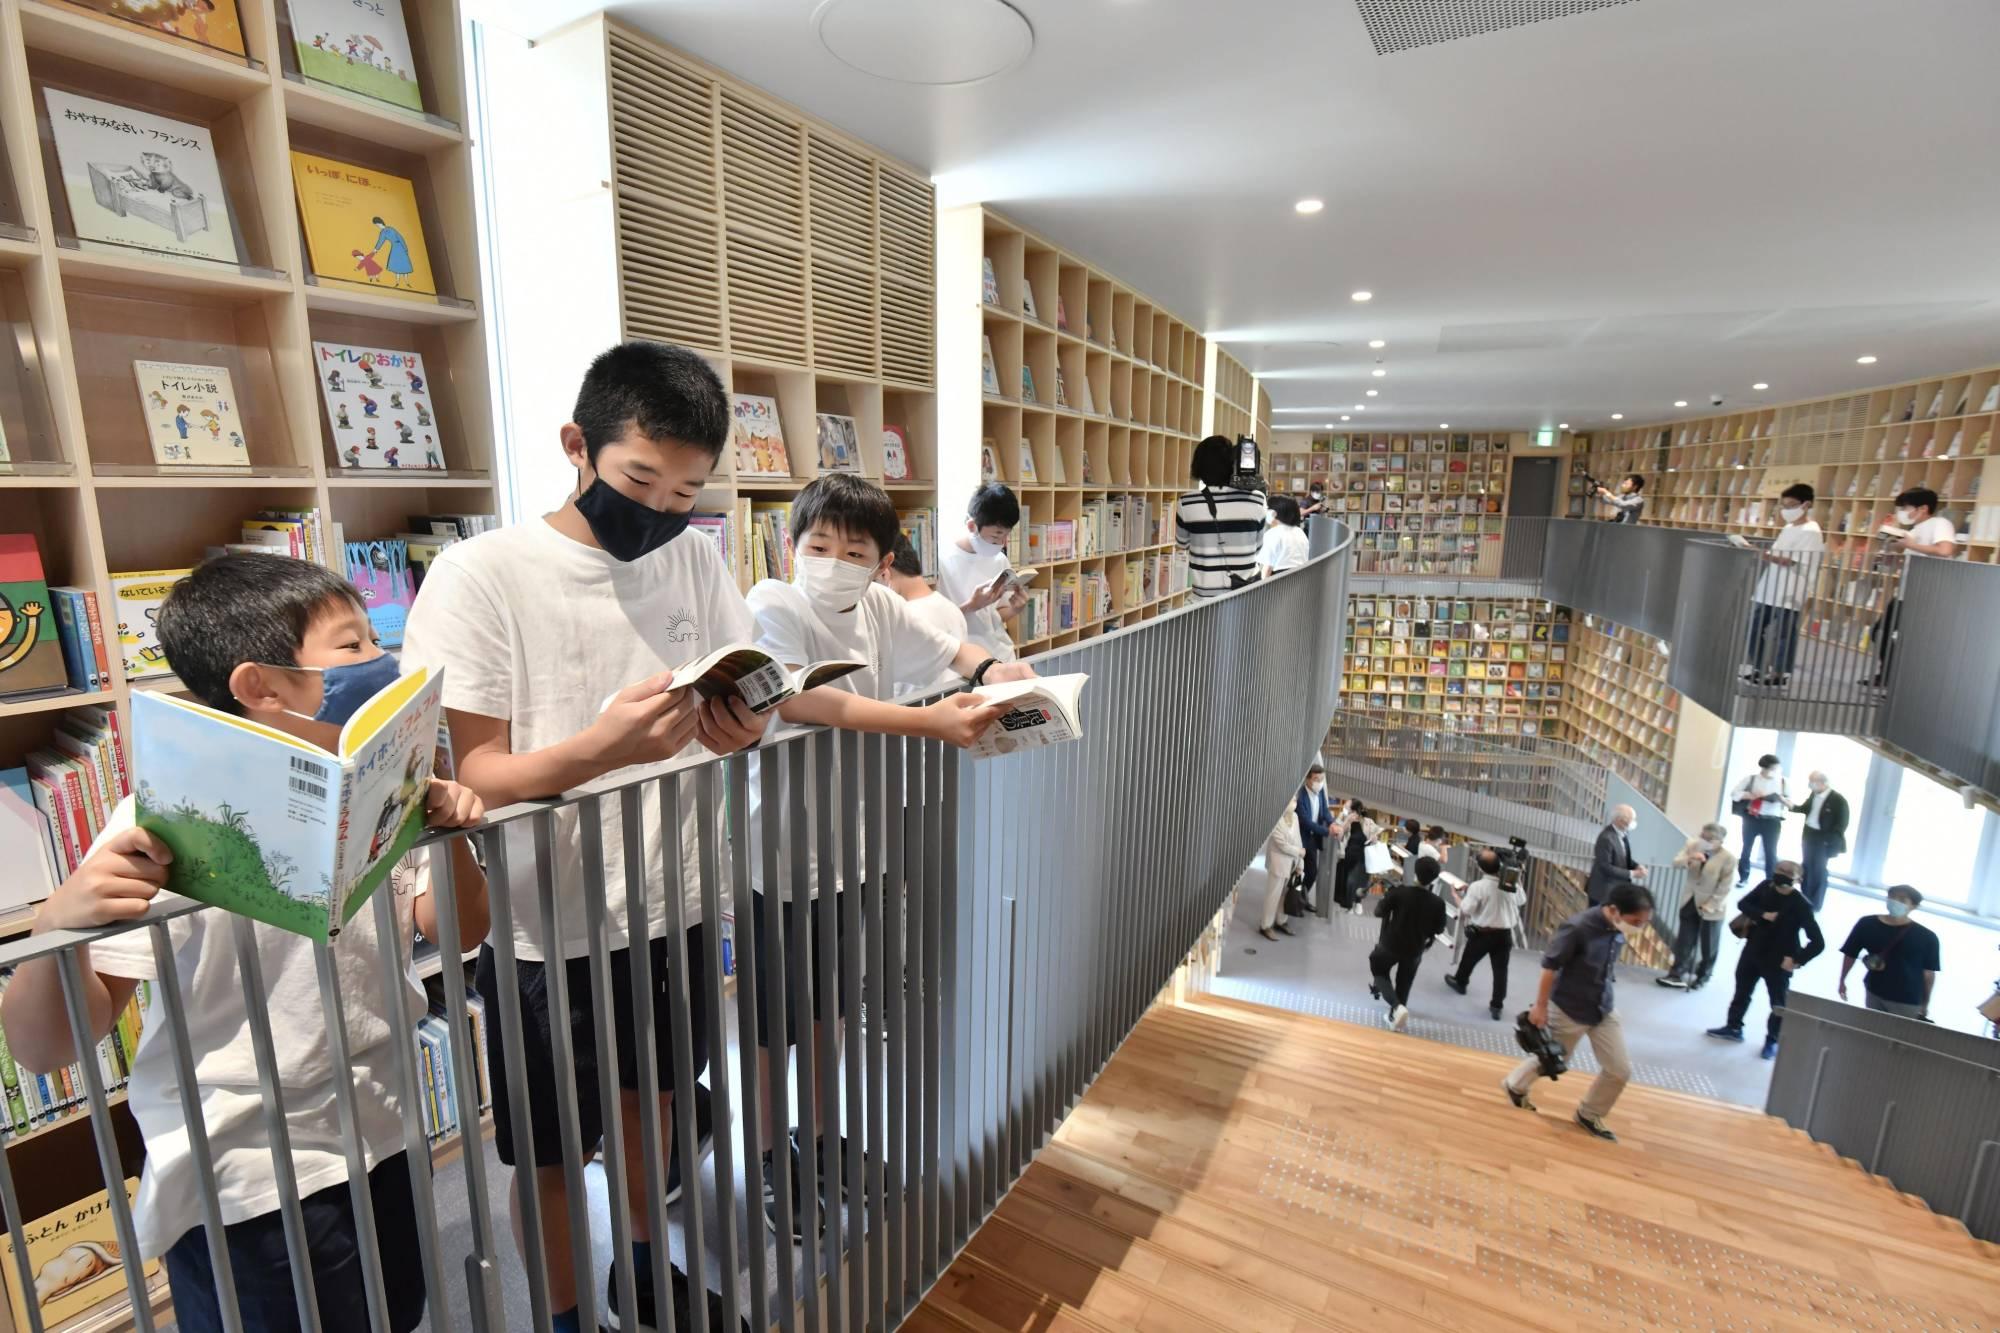 जापानी युवामा कोरोना महामारीले पुस्तक पढ्ने बानी बढायो